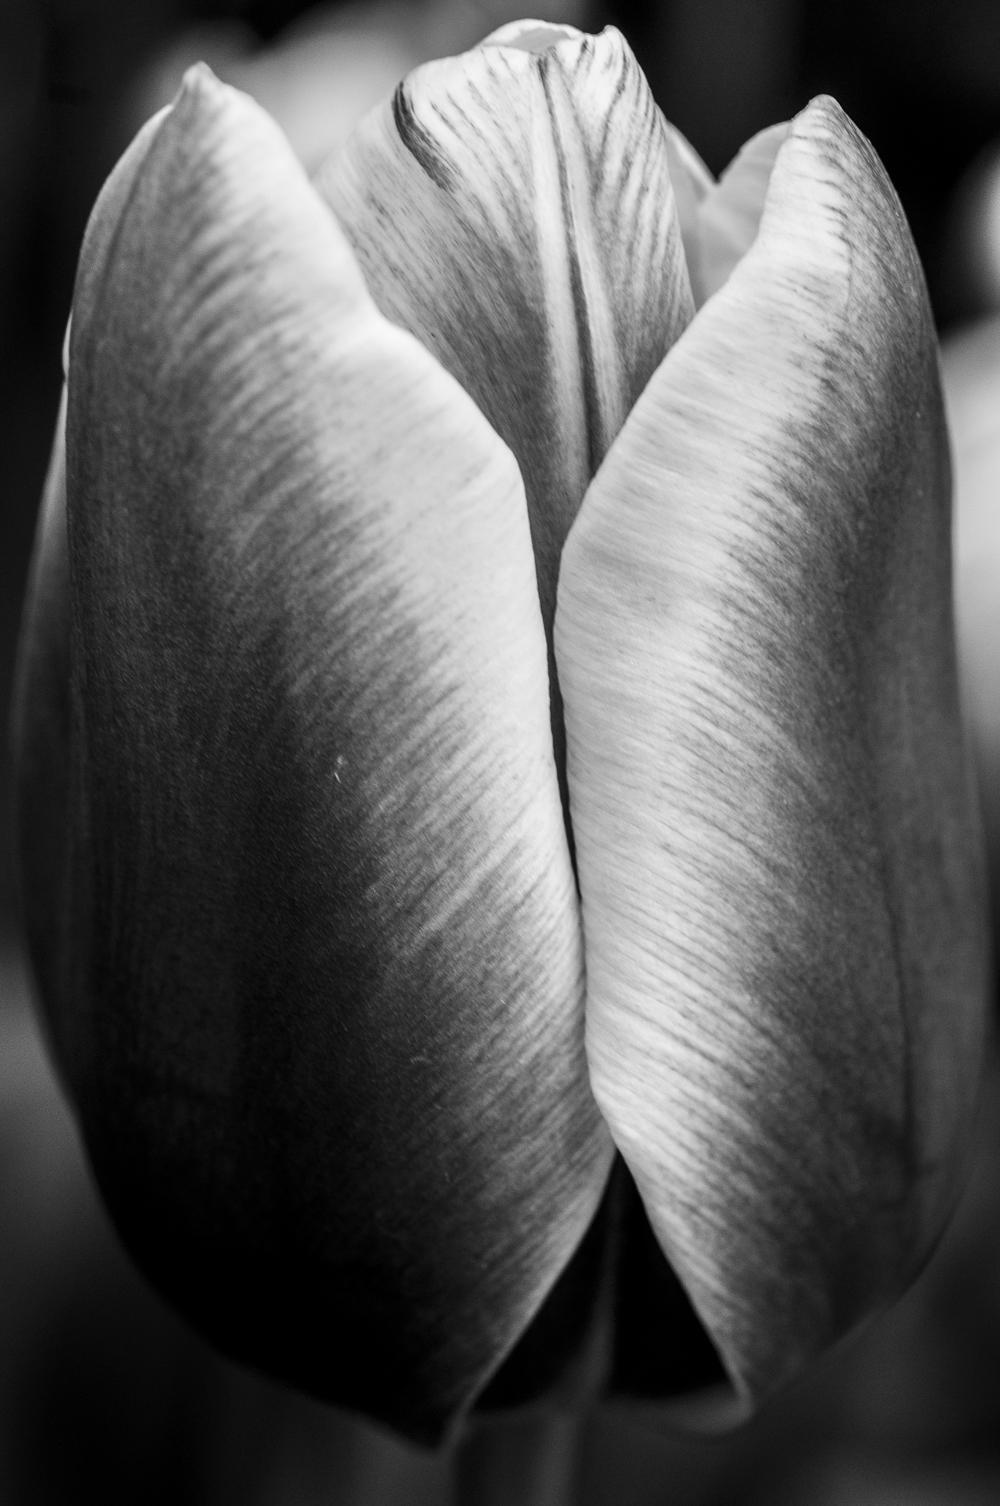 Tulip # 3